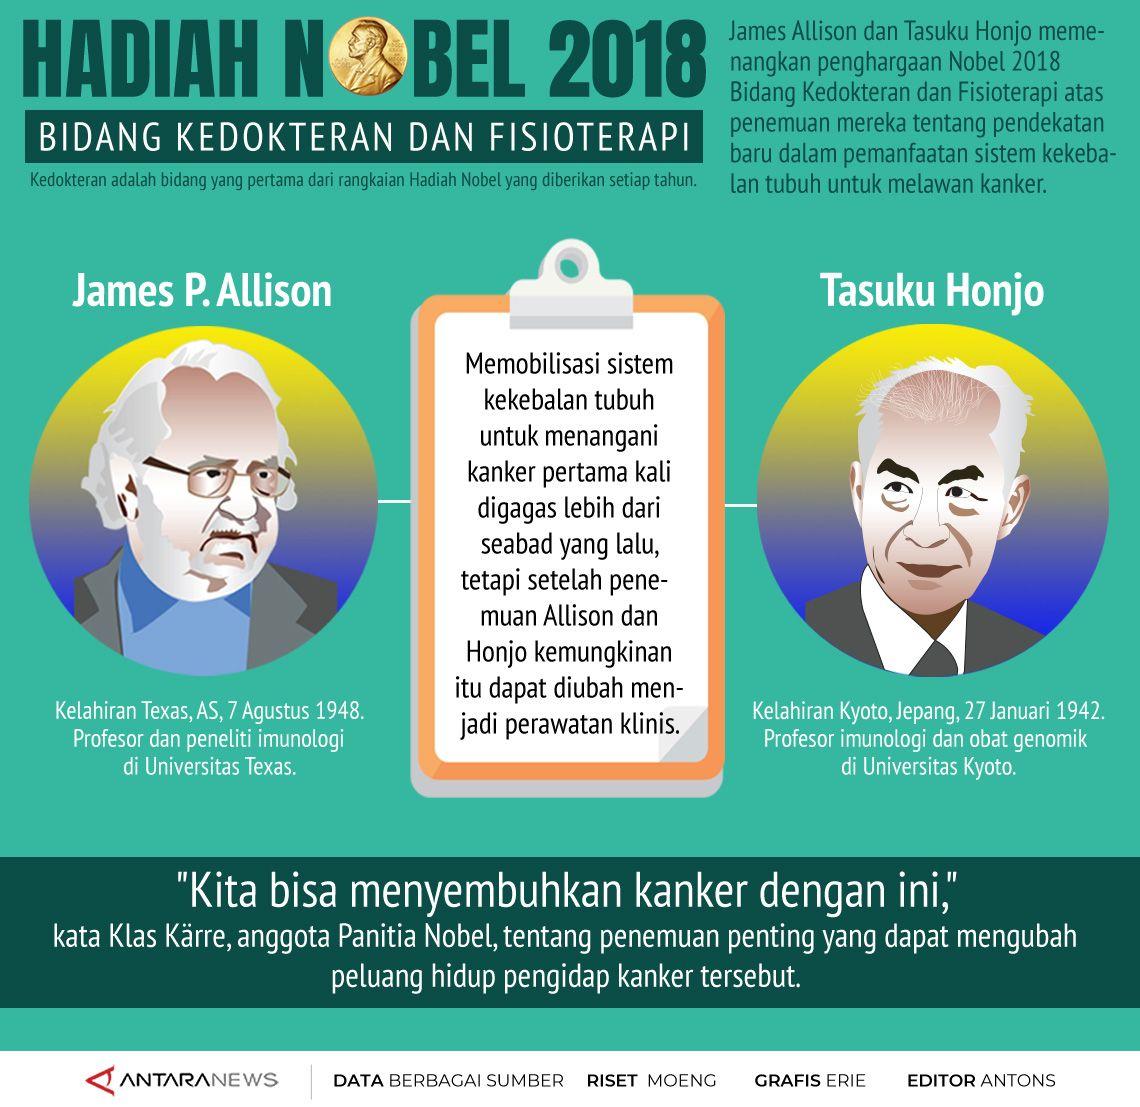 Peraih Nobel bidang kedokteran 2018